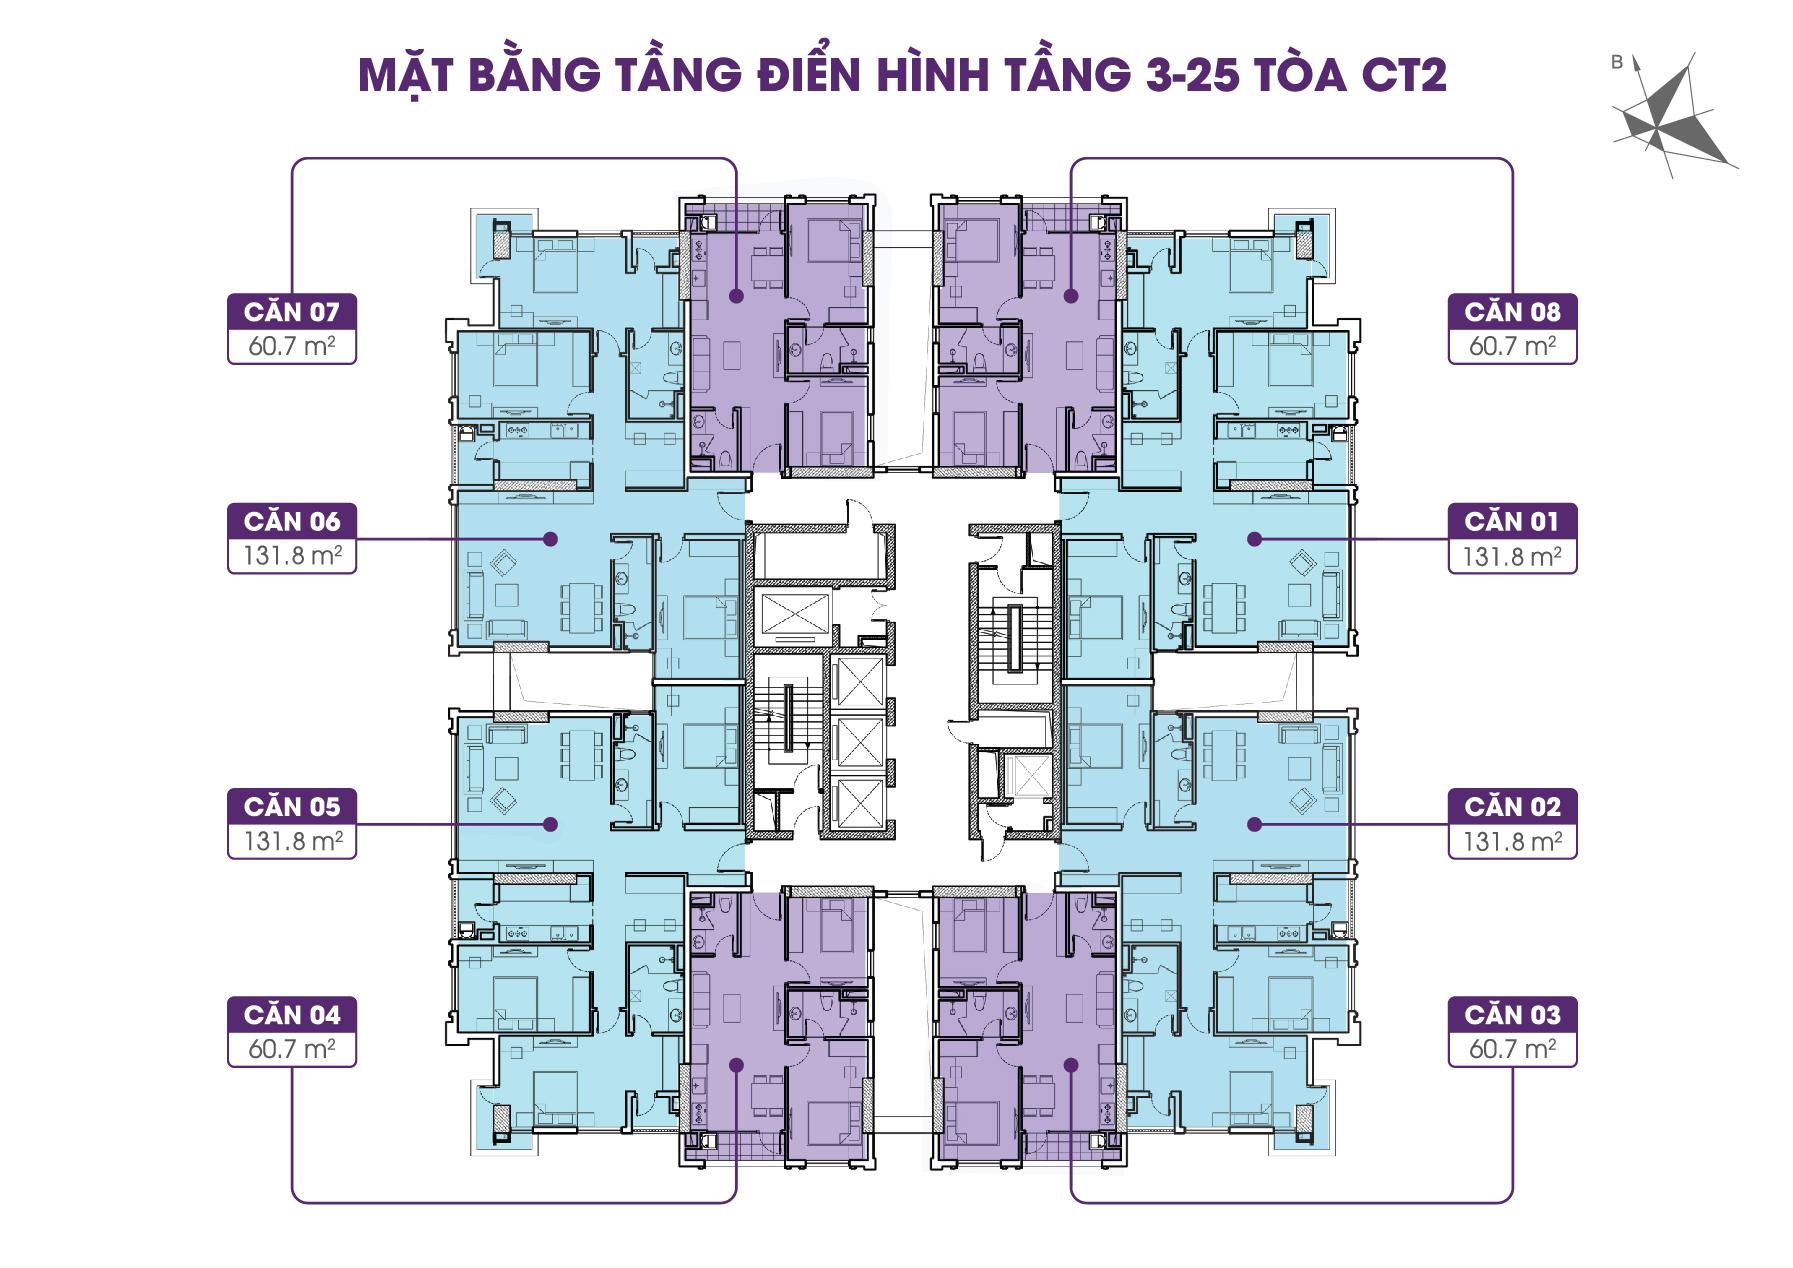 Mặt bằng điển hình tòa CT2 tầng 3 - 25 Iris Garden